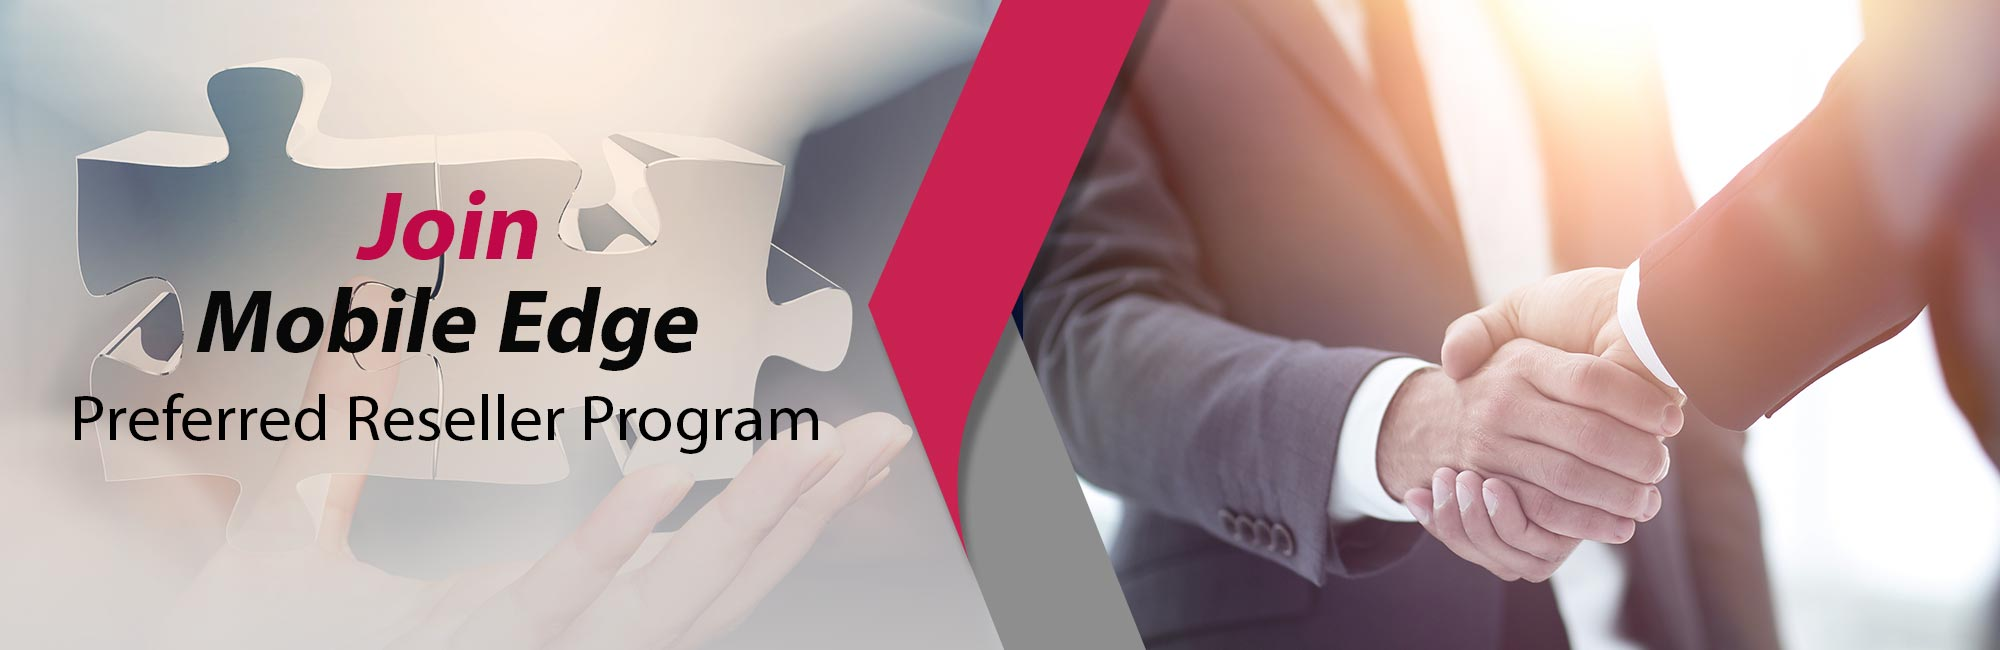 Join Mobile Edge Preferred Reseller Program